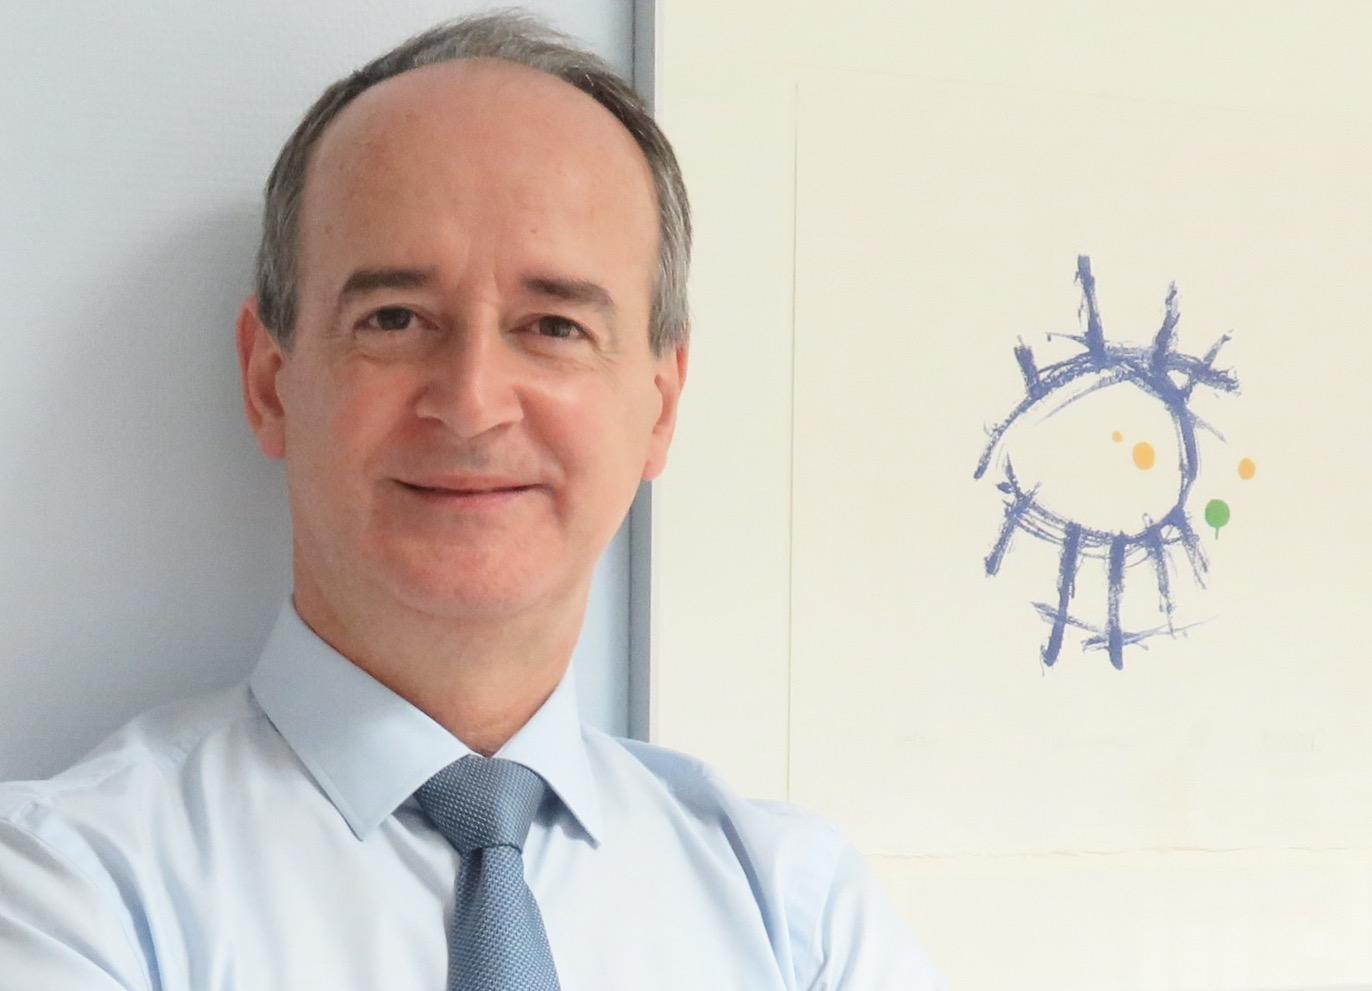 Javier Mendicute oftalmólogo